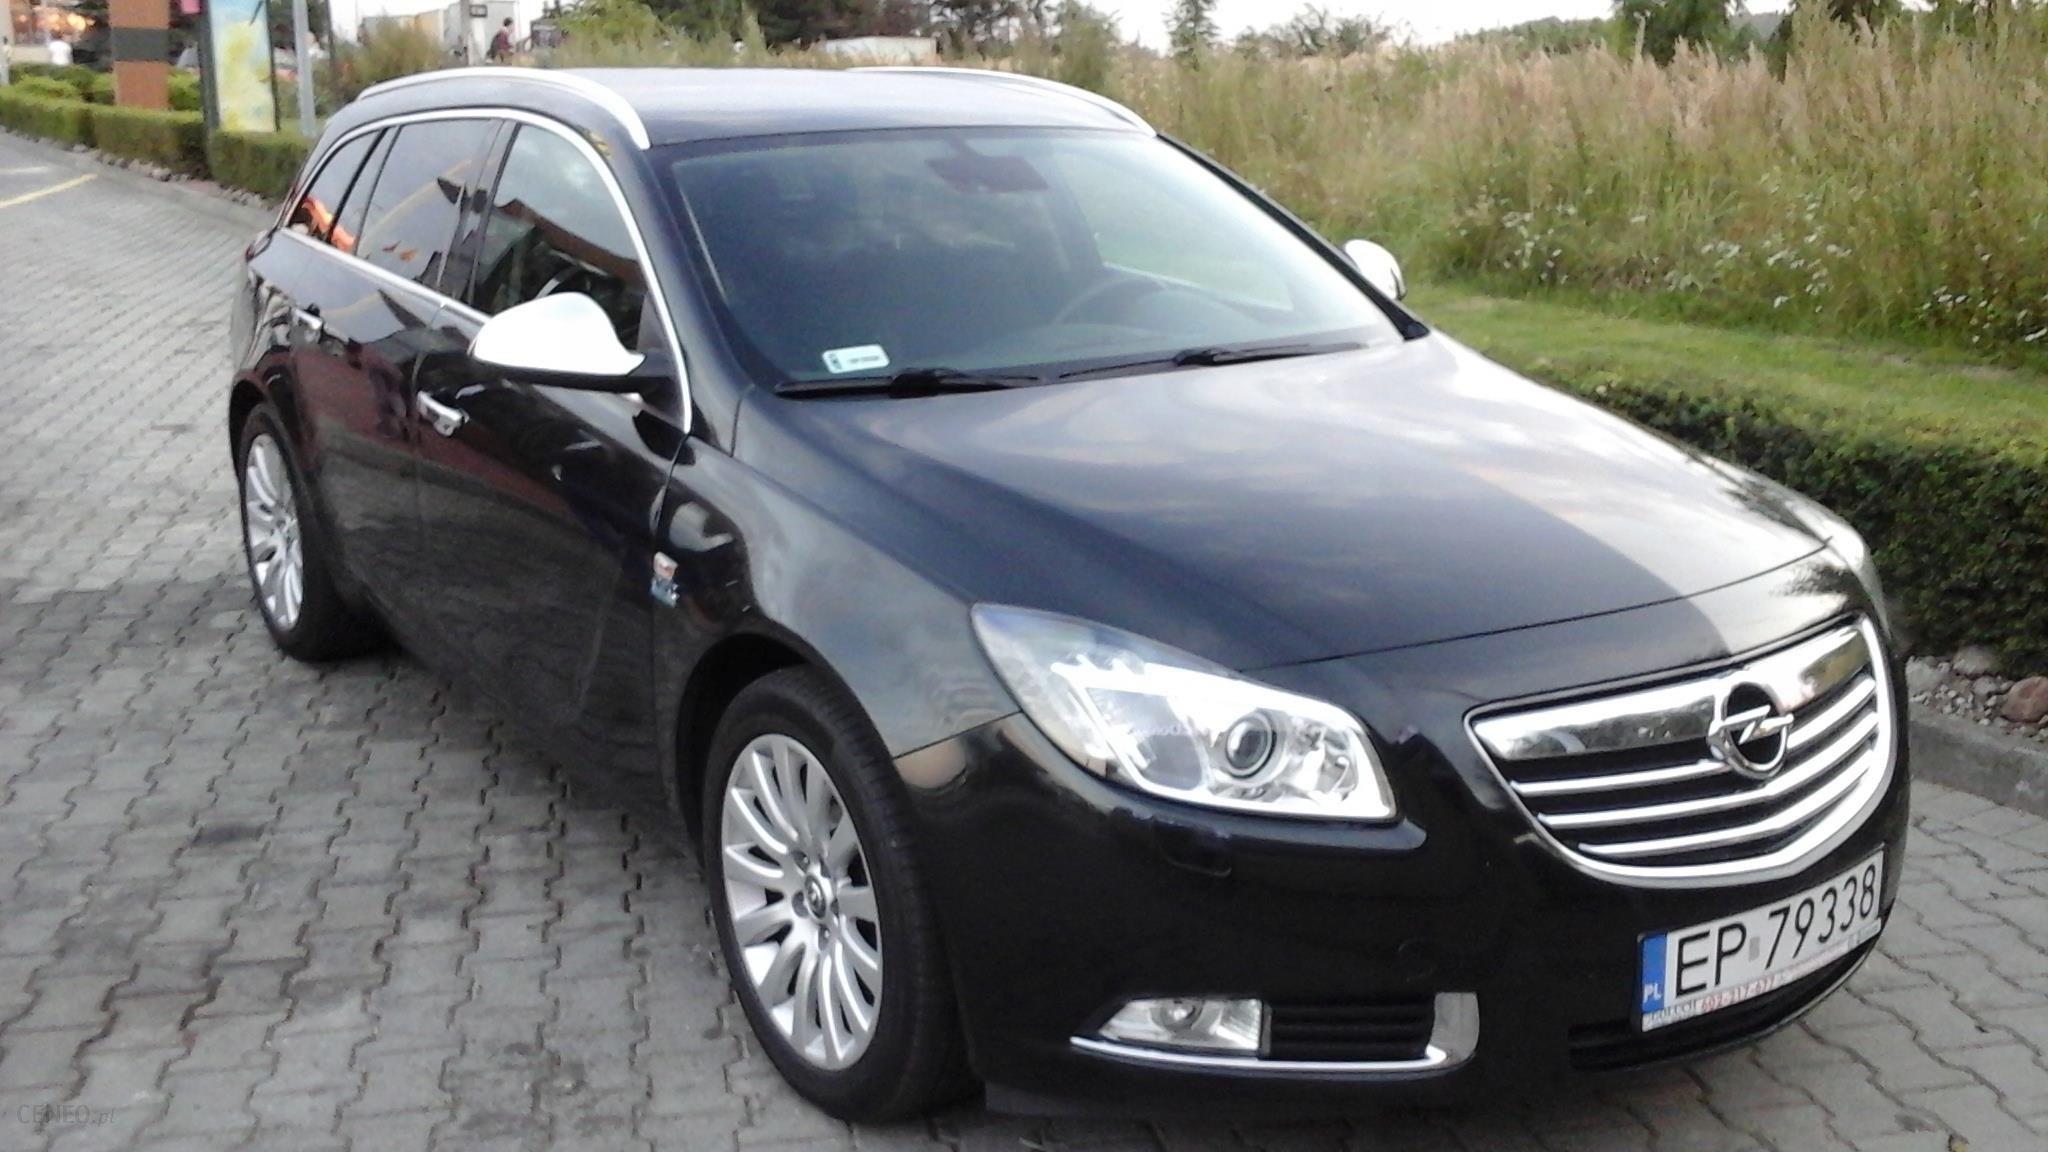 Opel Insignia A 2012 Km Kombi Czarny Opinie I Ceny Na Ceneo Pl